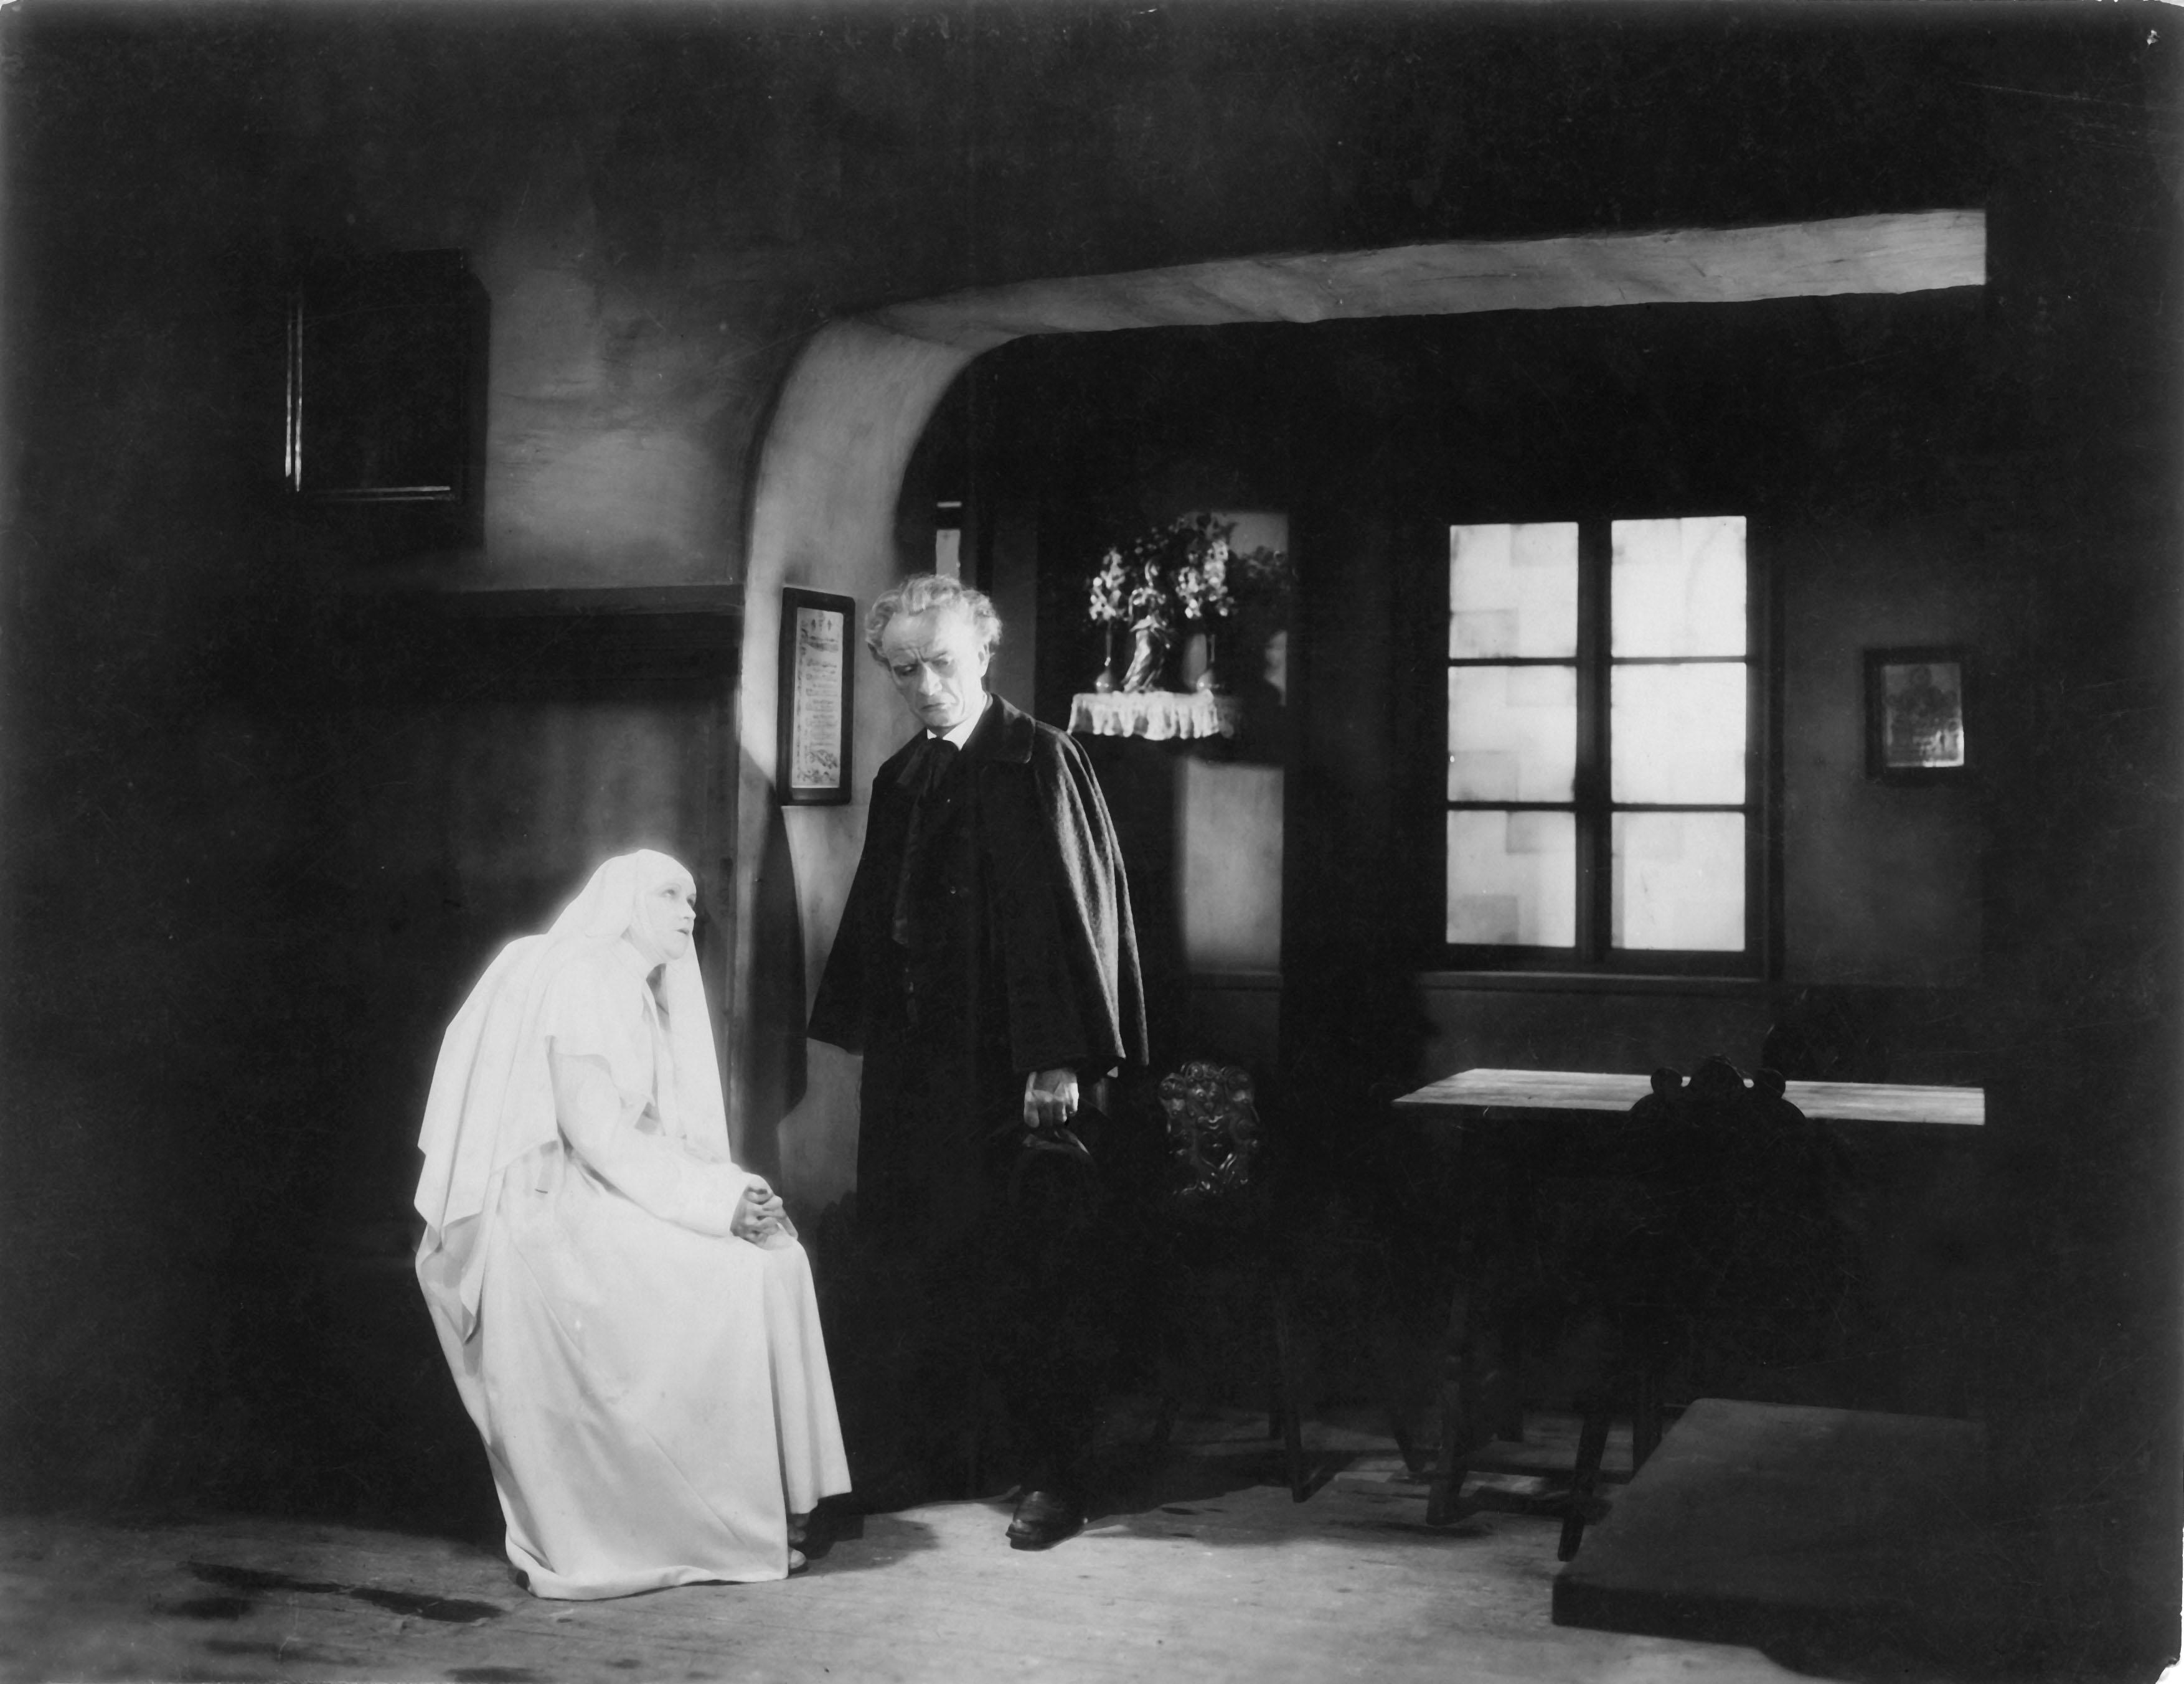 De witte non van St.Veith (1929)